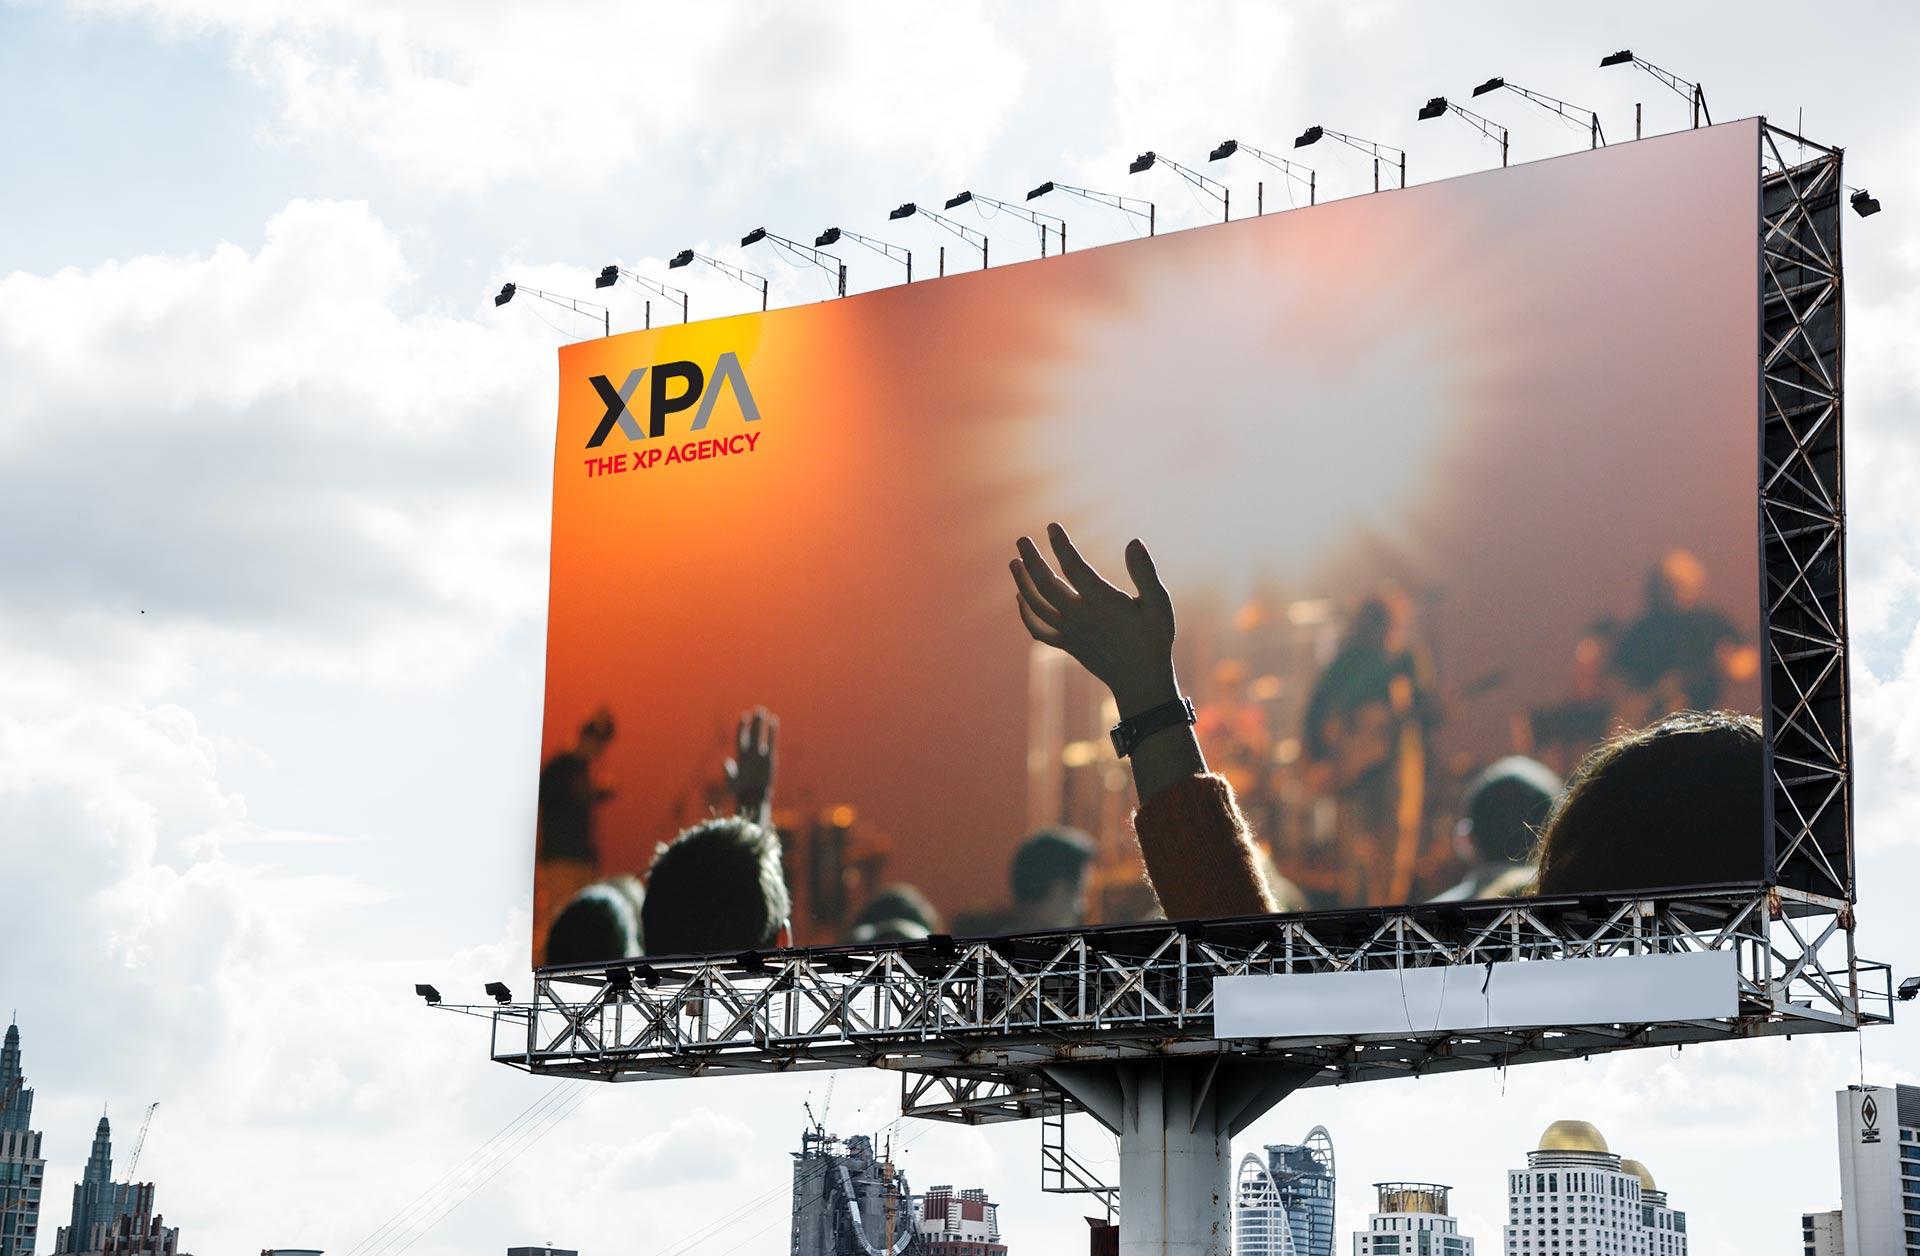 xpa-billboard.jpg